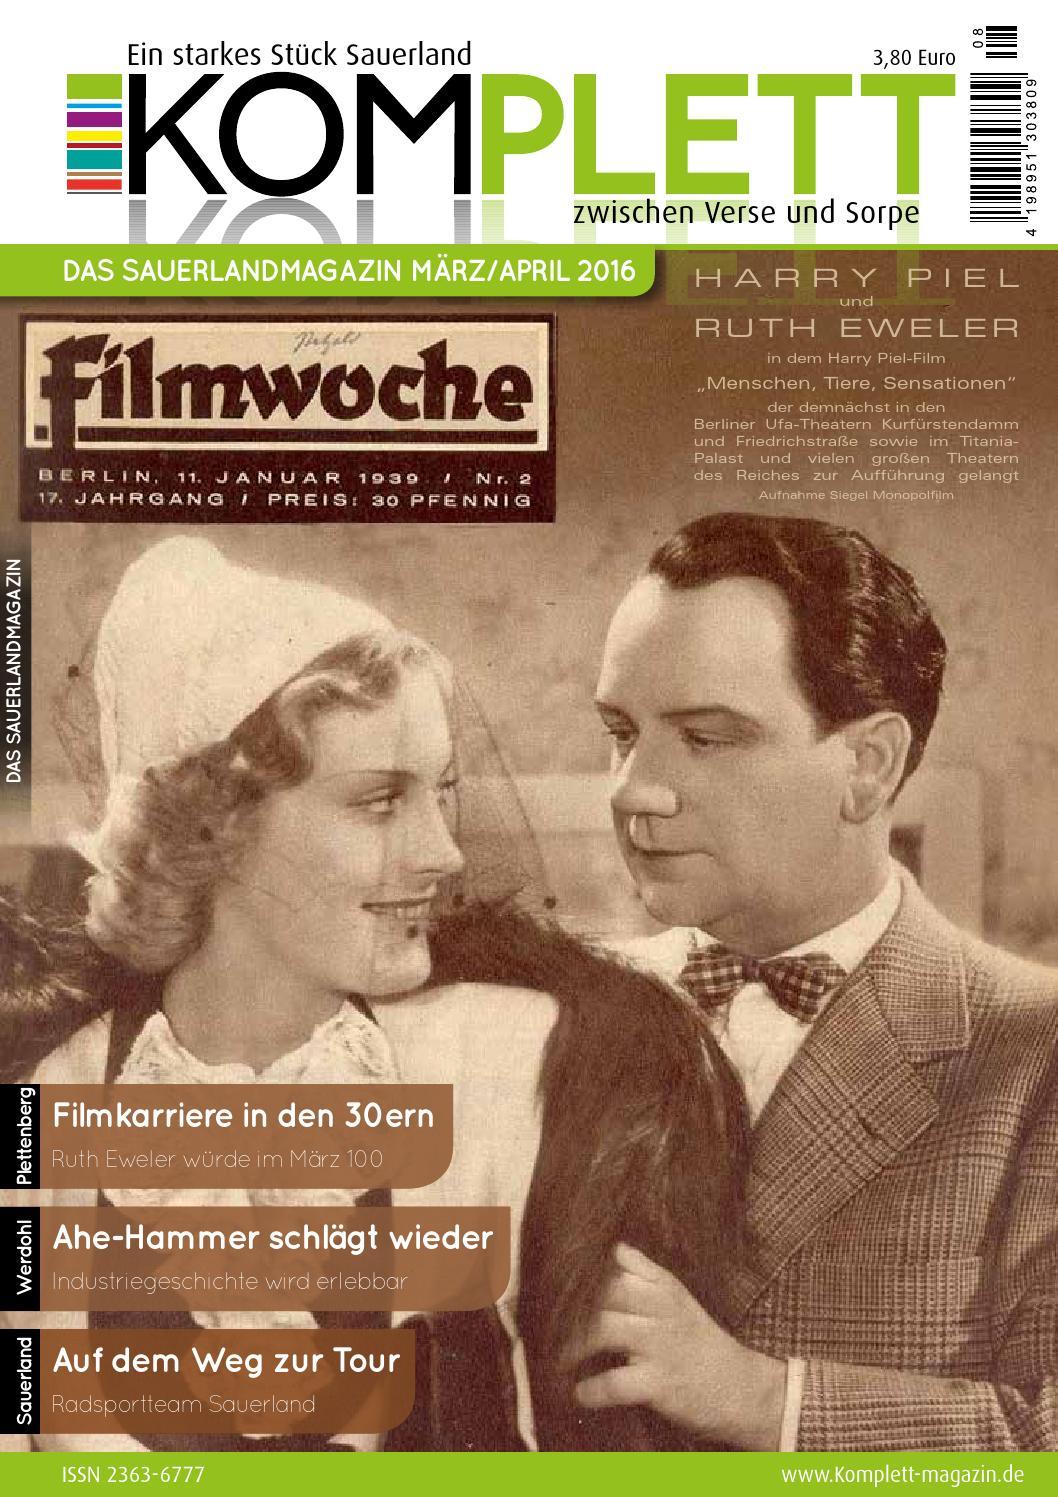 Komplett Das Sauerlandmagazin - die komplette Ausgabe März/April ...